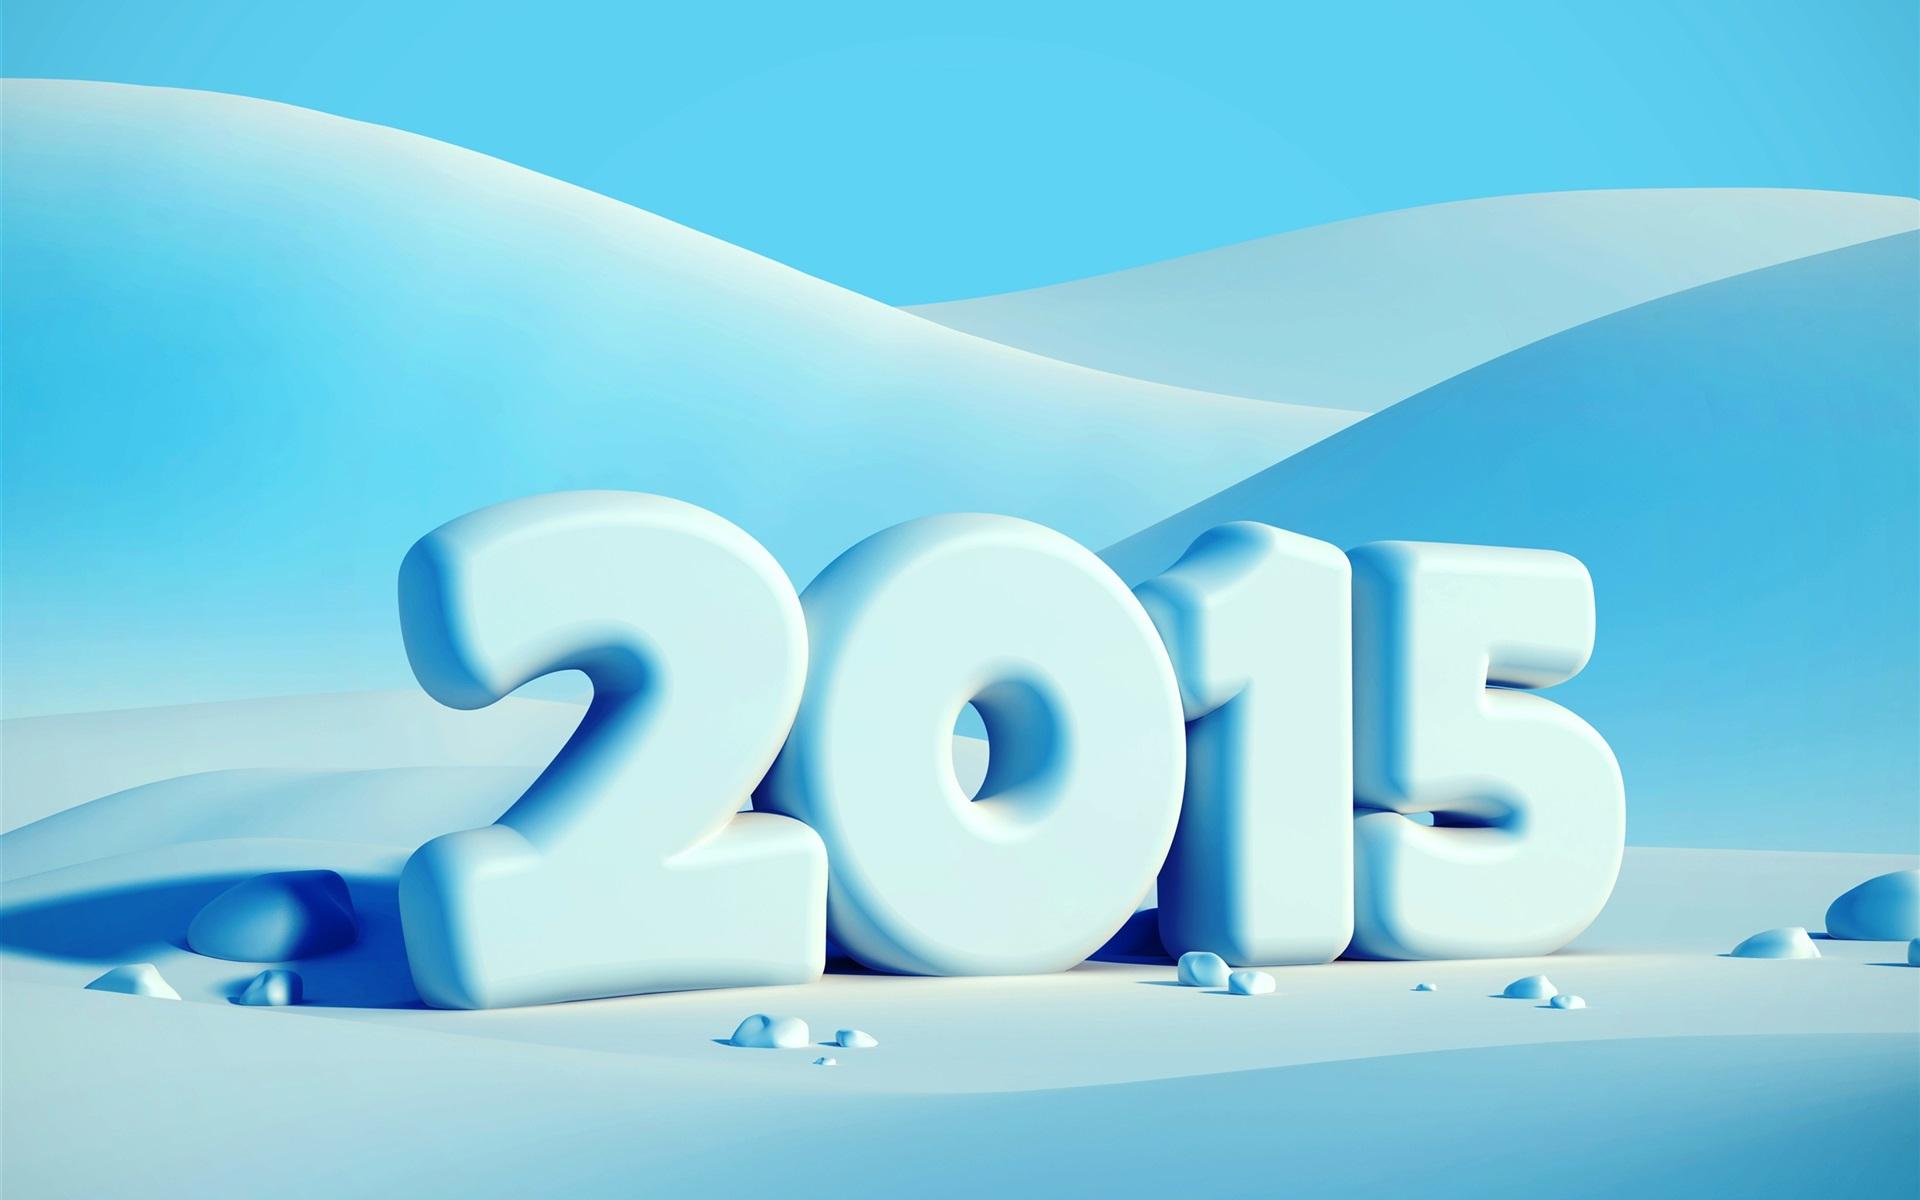 2015�$9.��j�:i[Z�`_新年快乐2015年新年,冬天,雪 壁纸 - 1920x1200